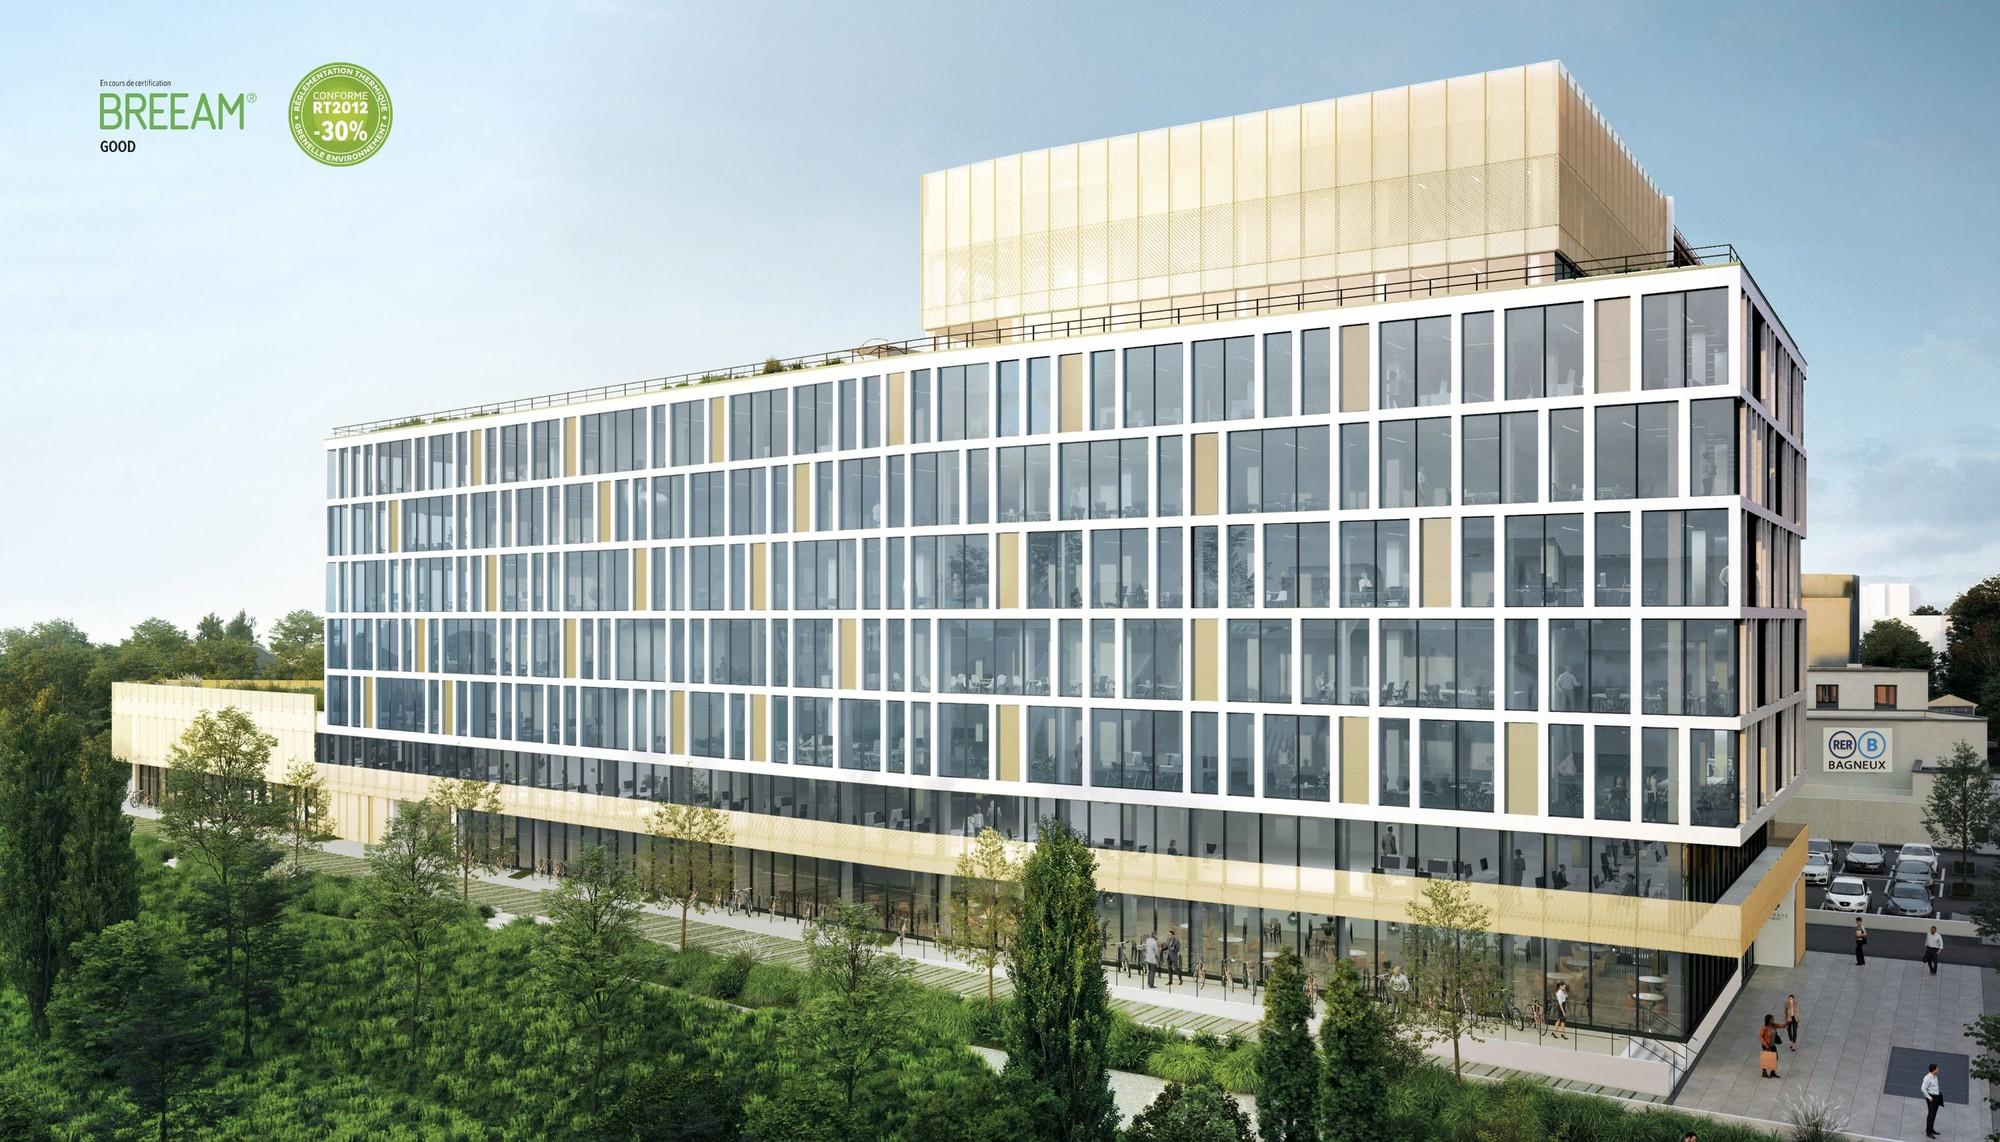 Arobase Cachan Lazard Group Bureaux d'entreprise Grand Paris